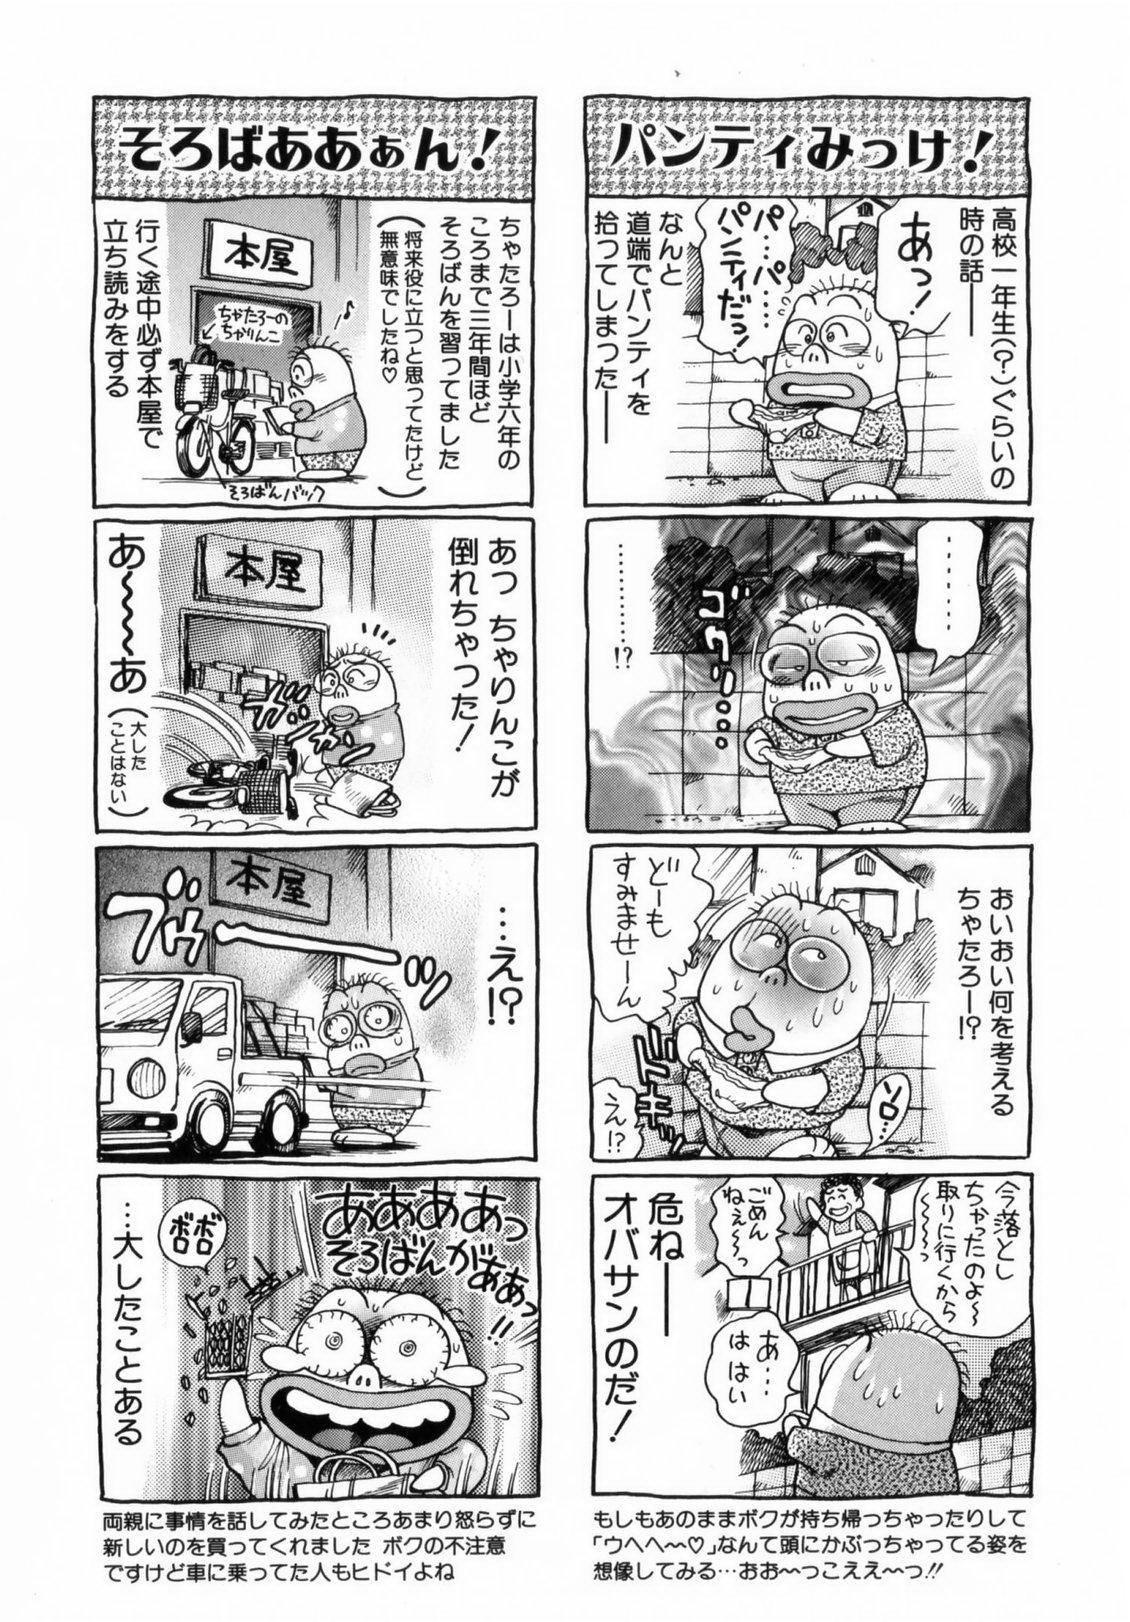 Koisuru Race Queen 206